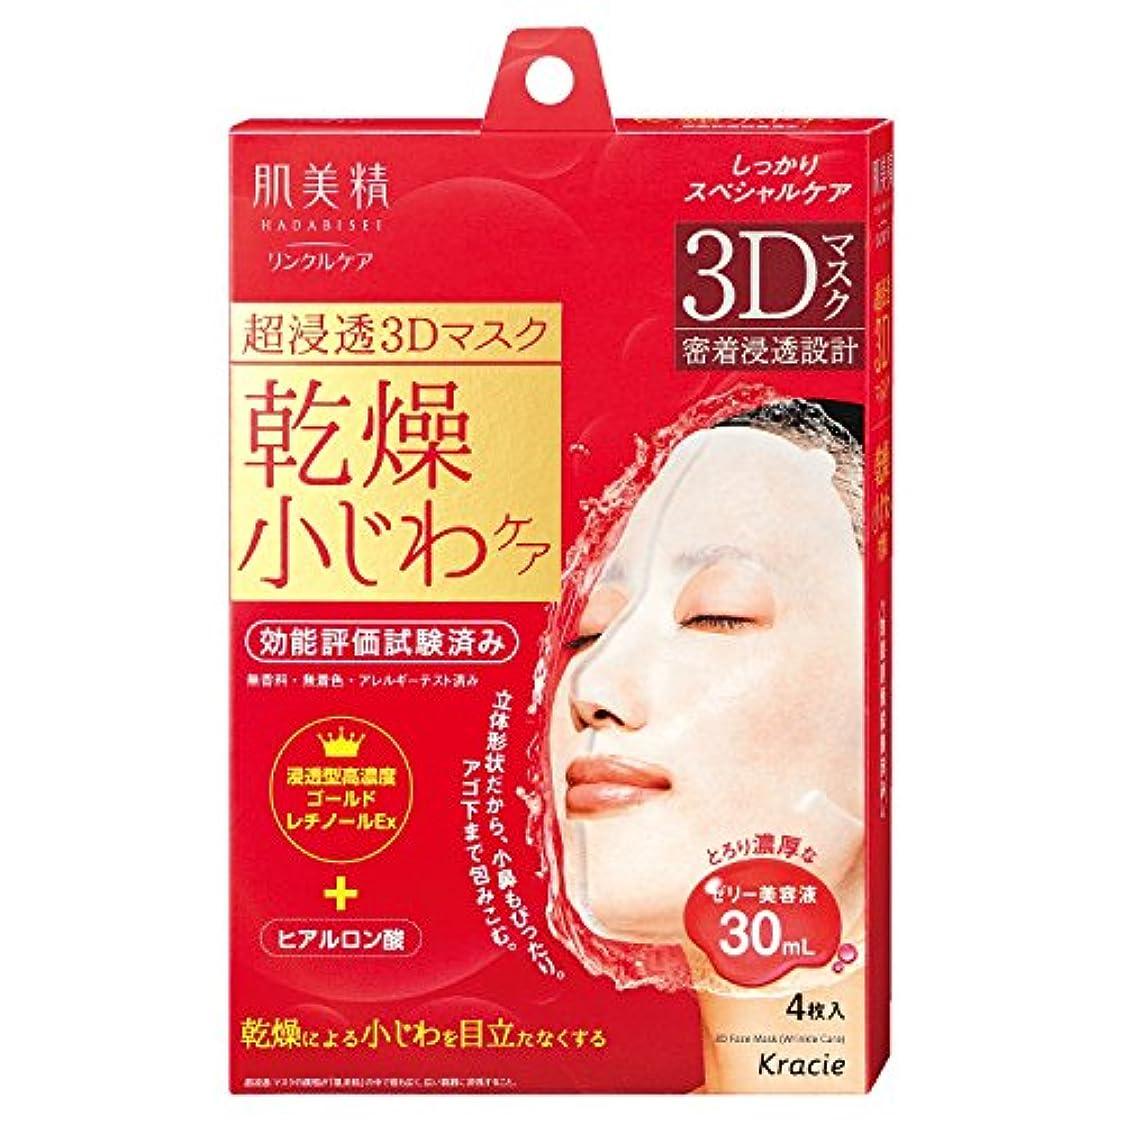 マーケティングフロンティア人柄肌美精 リンクルケア3Dマスク 4枚